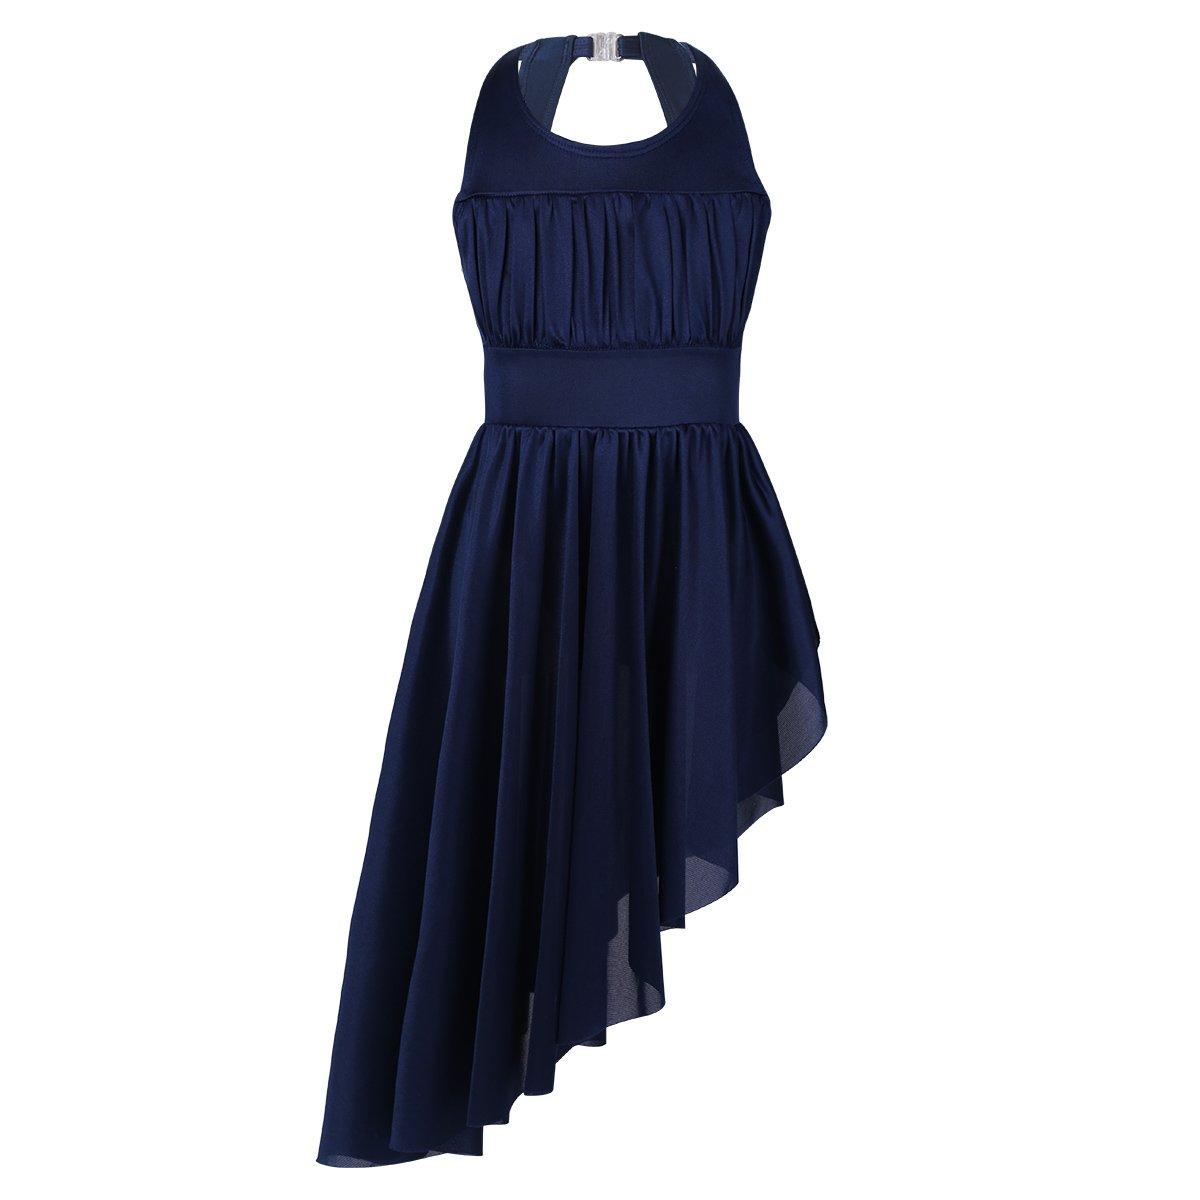 inlzdz Kids Girls Sleeveless Ruched Cutout Back with High Low Hem Leotard Dress Lyrical Ballet Dance Dress